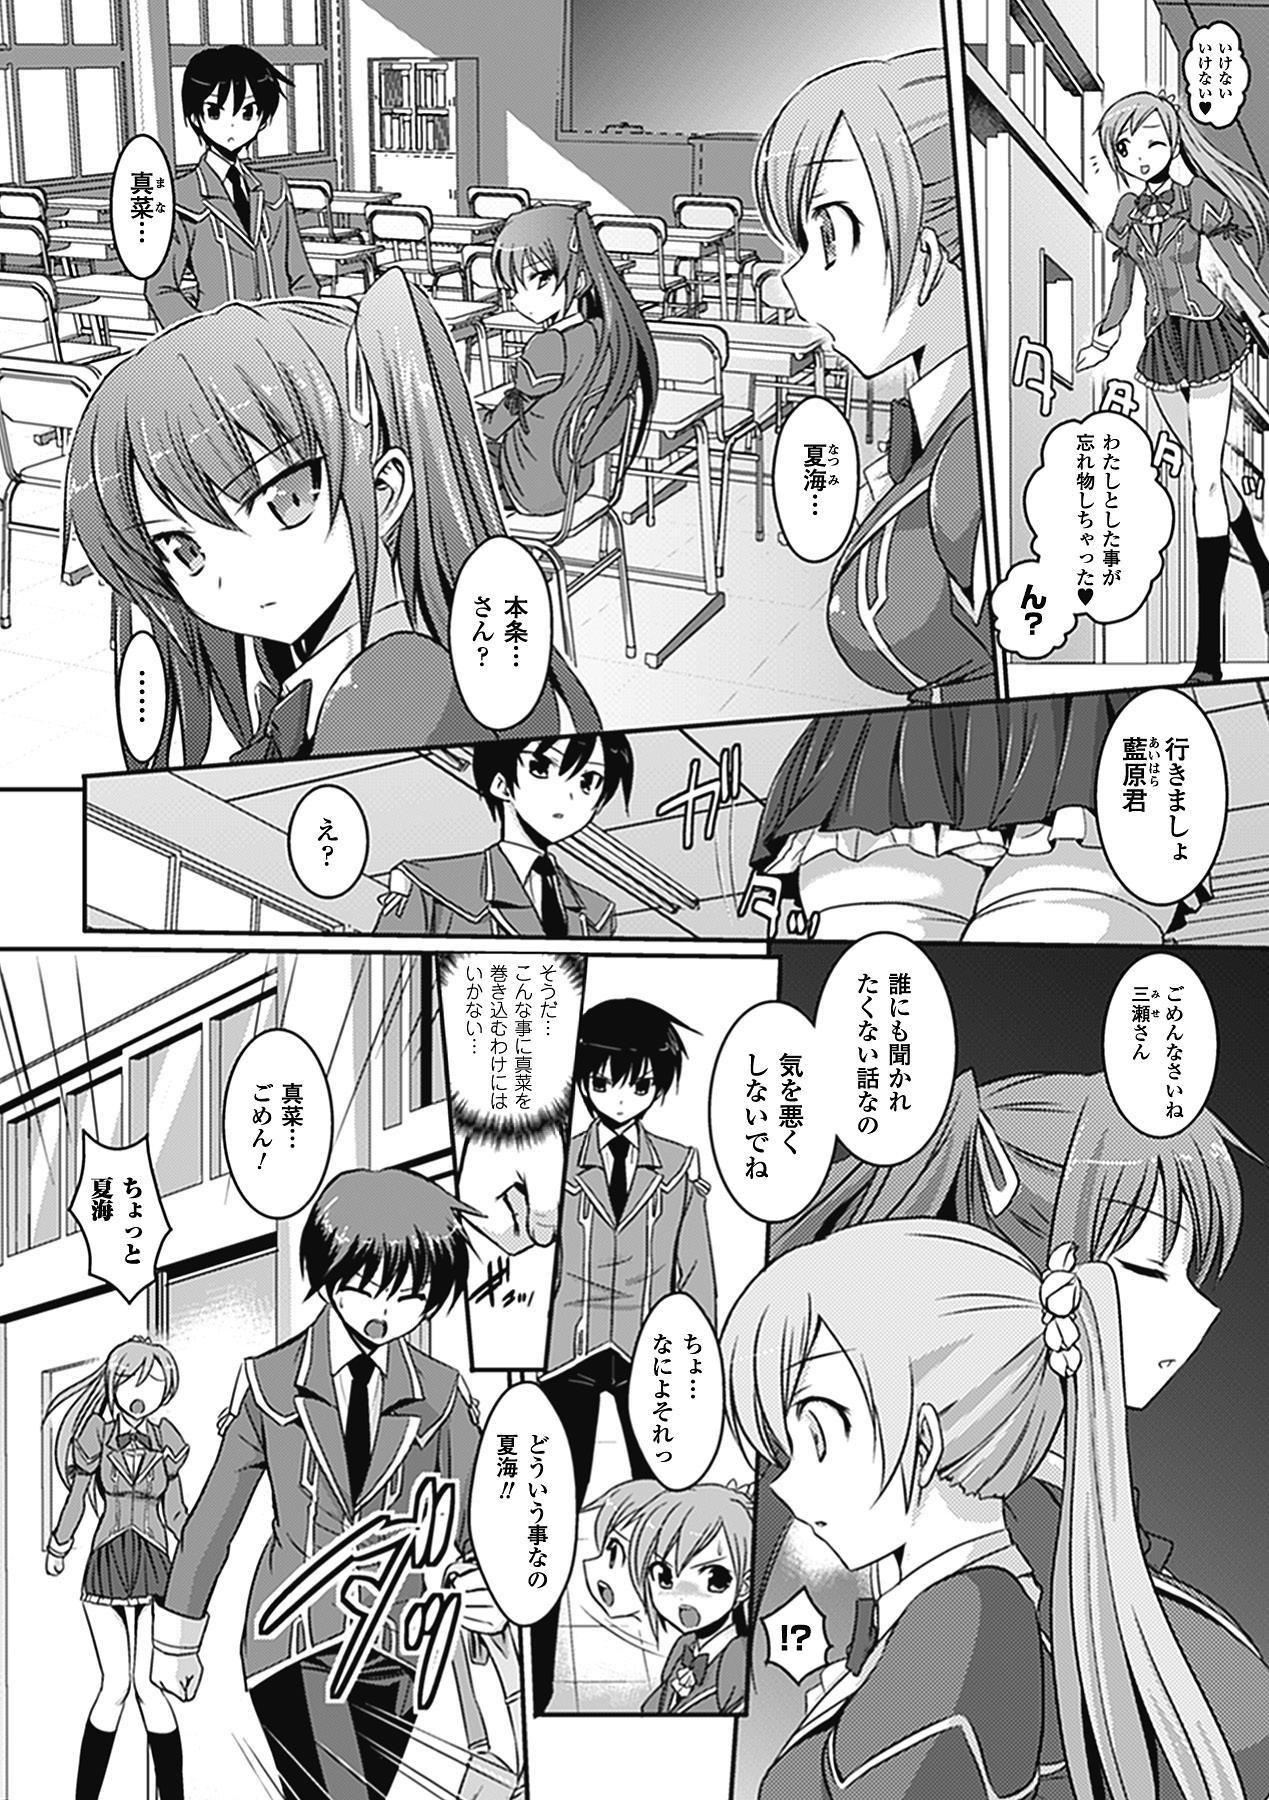 [Tokimaru Yoshihisa]Shakkou no Anti-Genesis Ch. 1-7 21